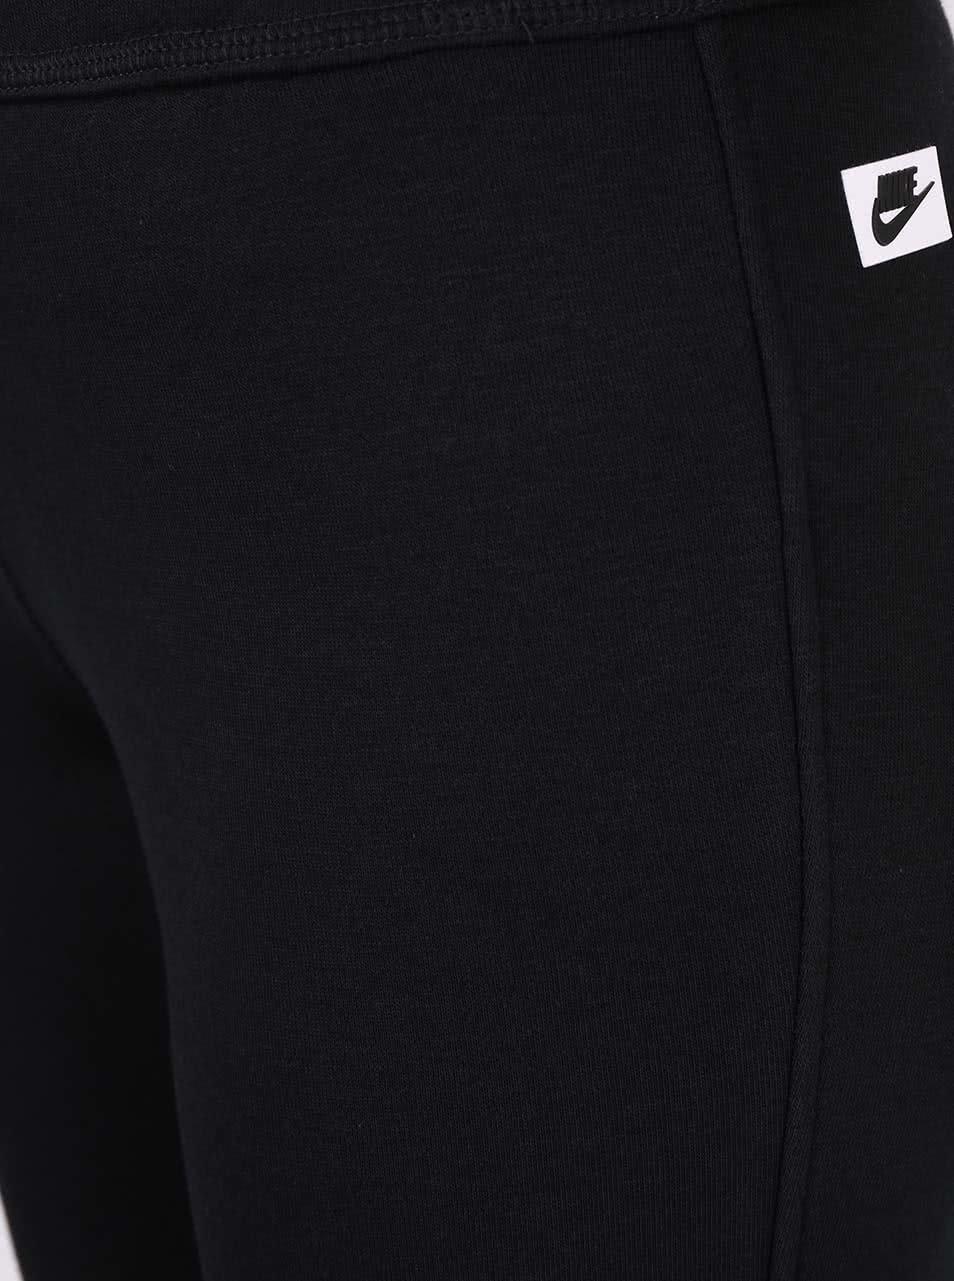 2b1ac3779 Čierne dámske tepláky Nike Modern Pant | ZOOT.sk